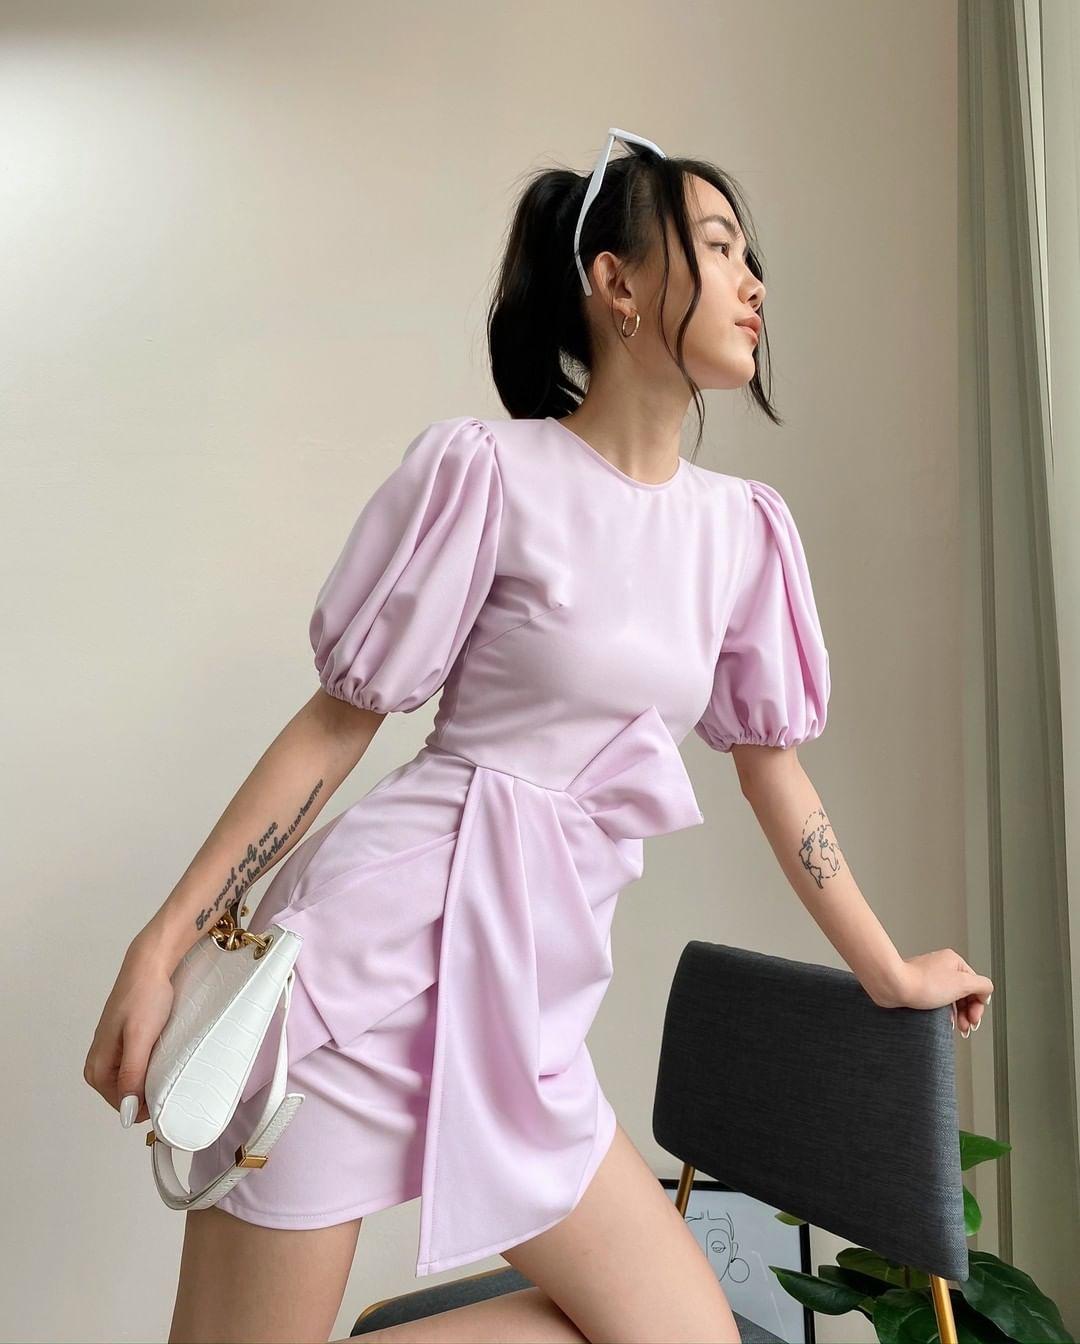 Hồng Diễm lên đồ đi du lịch với toàn món hot trend nhưng vẫn để lọt một bộ đầm tím sến súa làm tụt điểm phong cách - Ảnh 11.